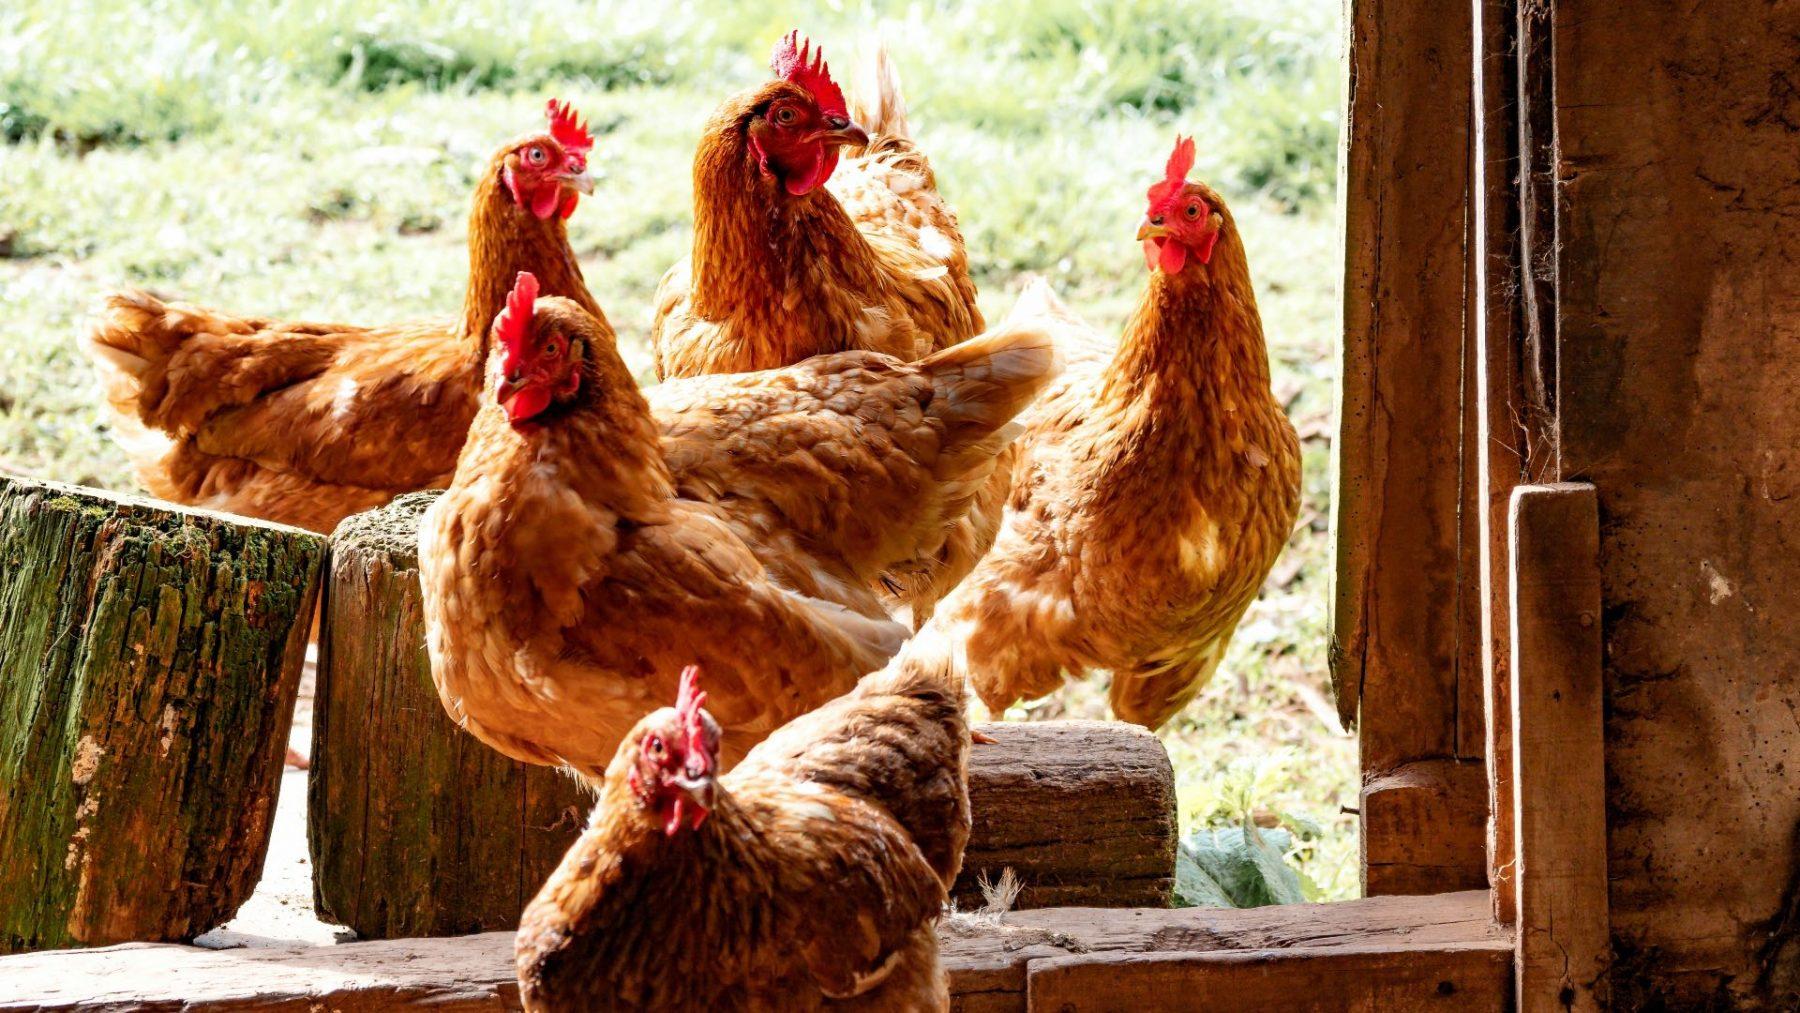 Pluimveehouders moeten kippen binnenhouden vanwege vogelgriep in Utrecht